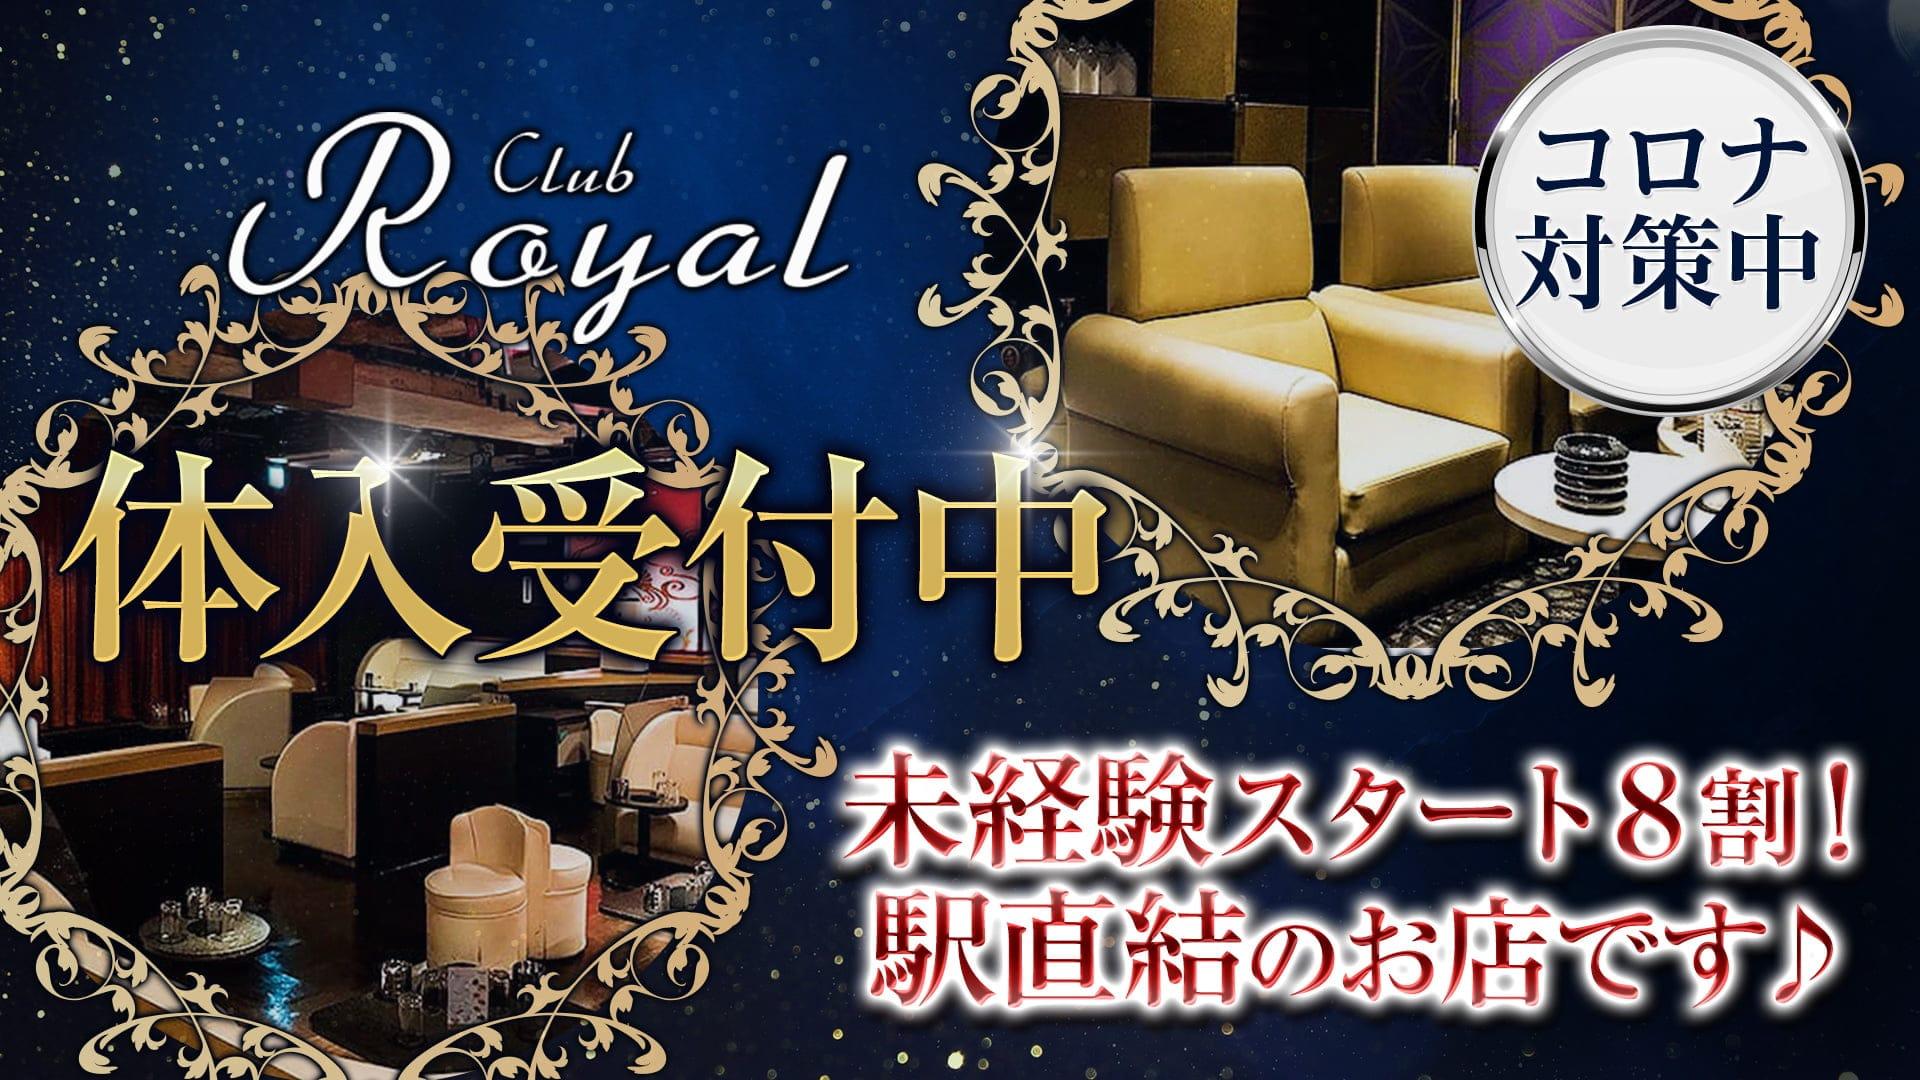 【浅草】CLUB Royal(クラブ ロイヤル)【公式求人・体入情報】 上野キャバクラ TOP画像